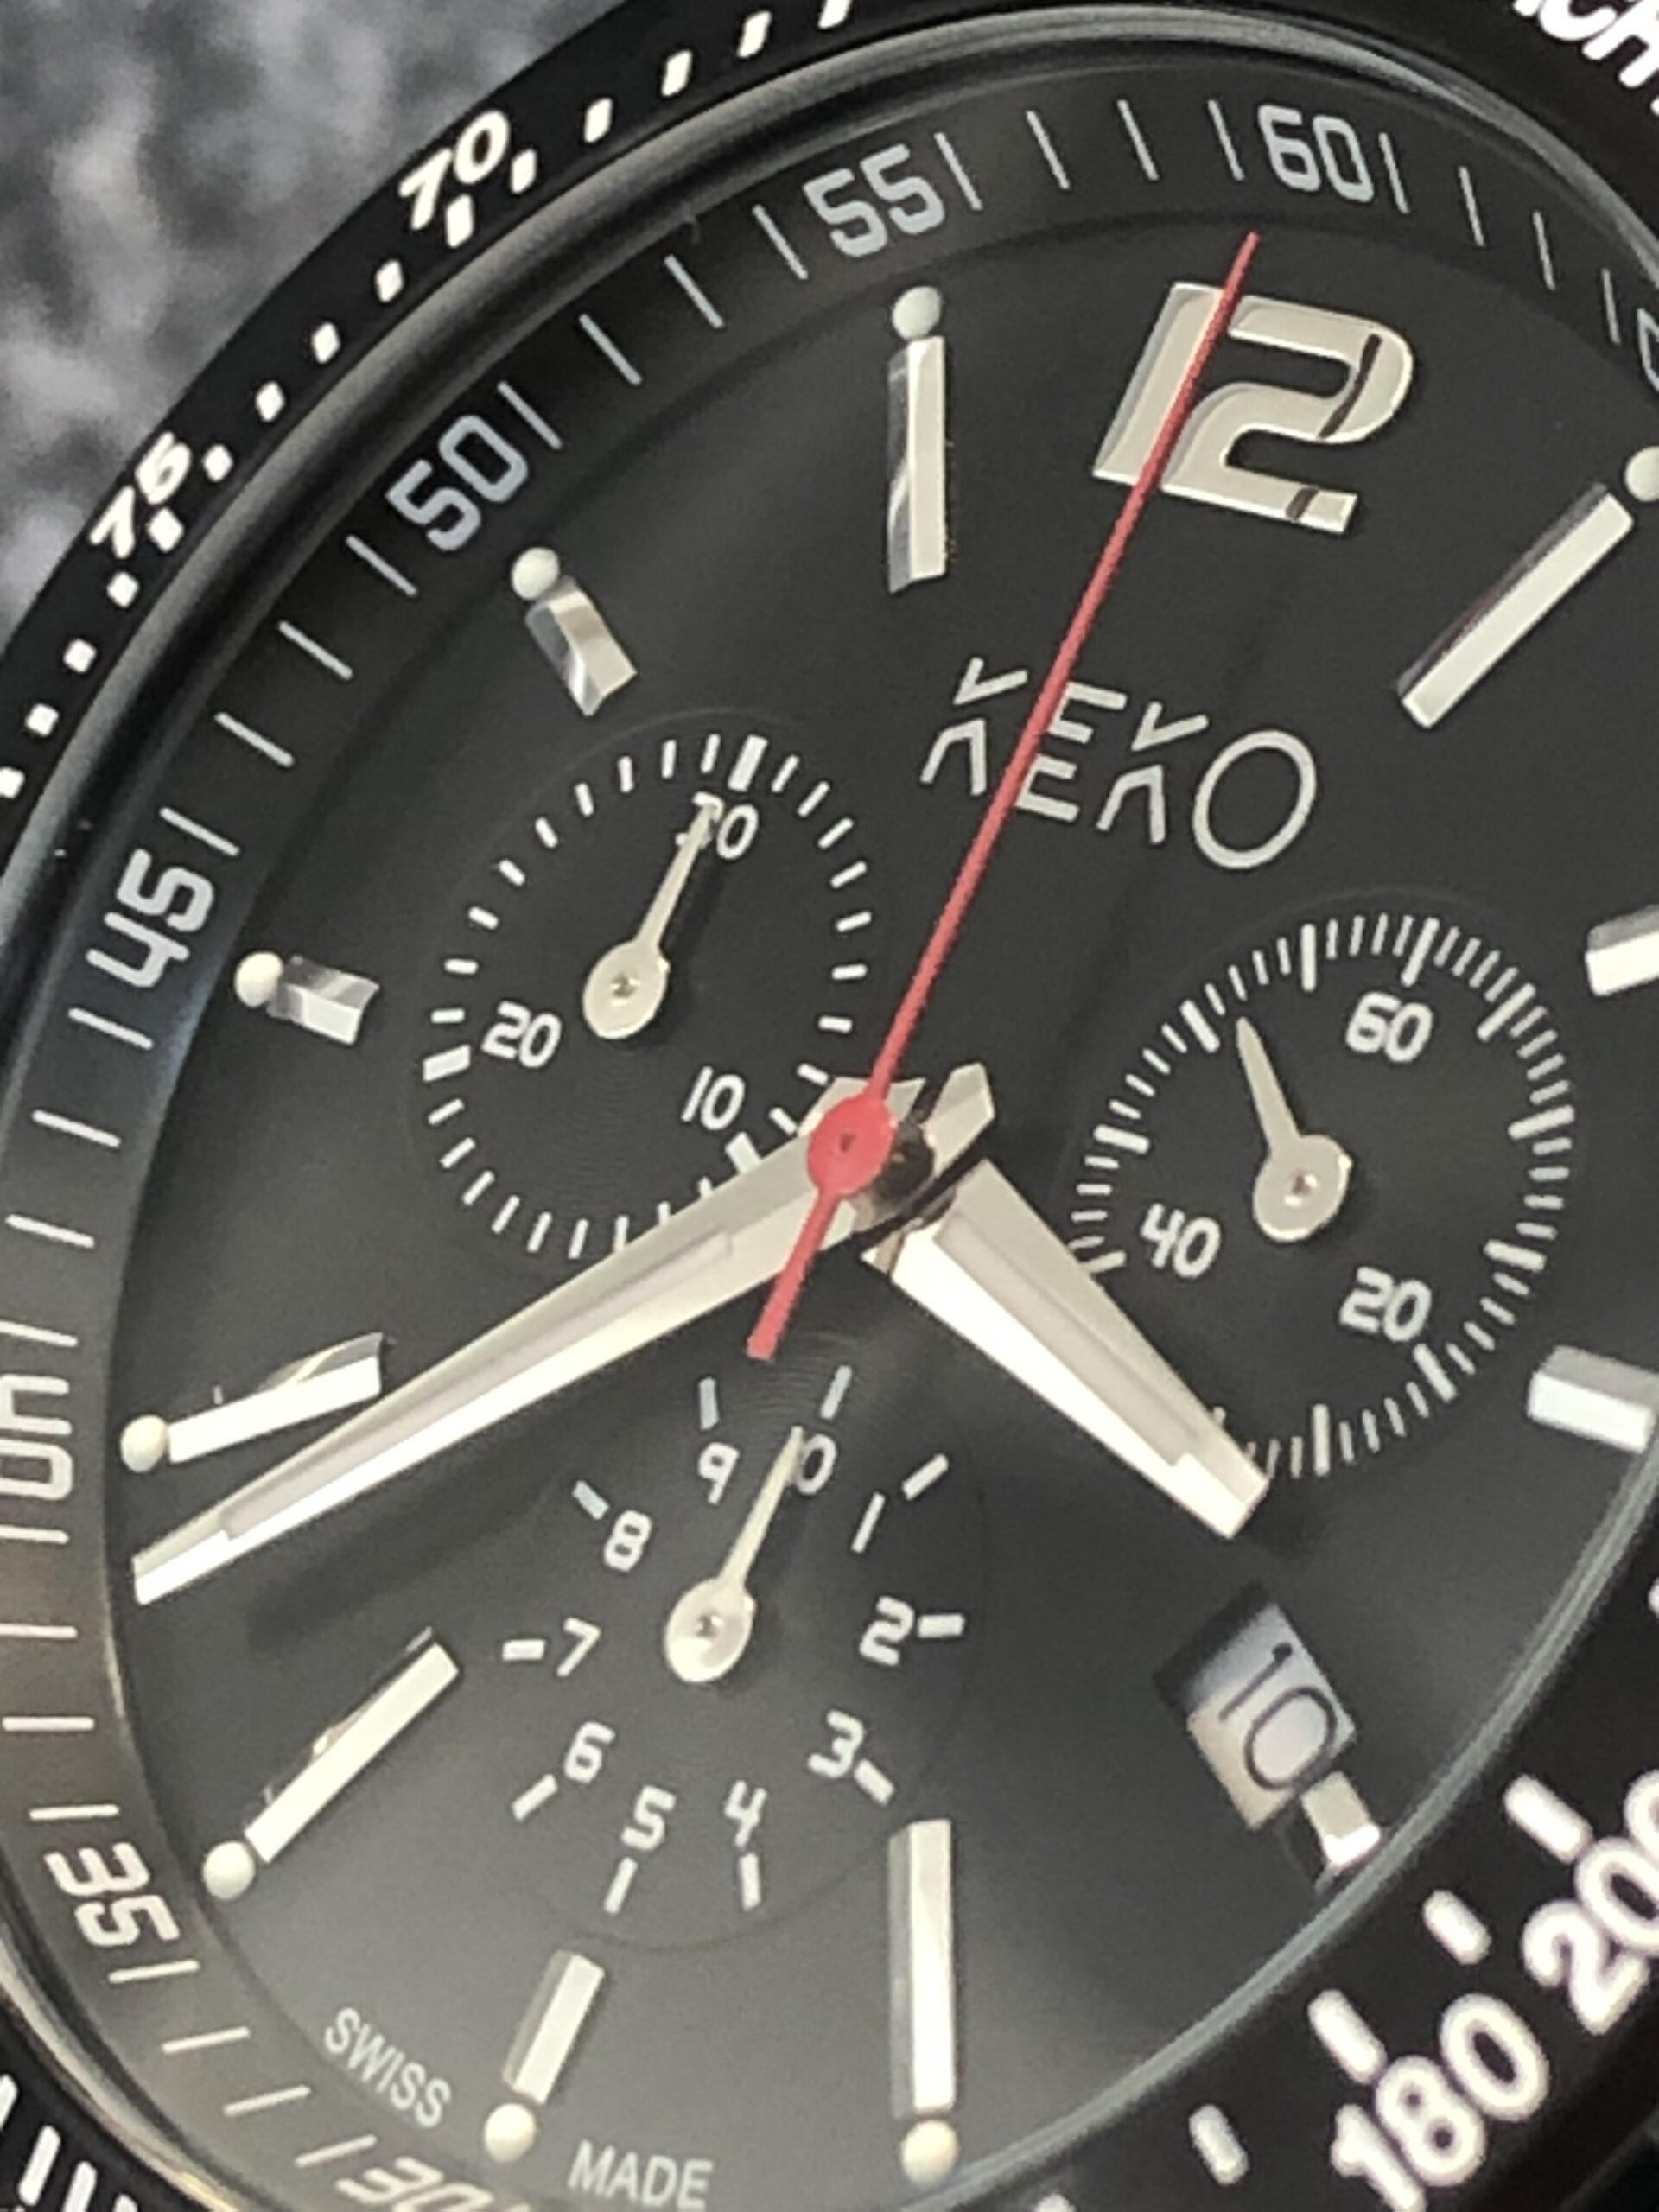 keko-chronograph-outdoor-adventure-mit-grünem-nylon-armband-seitenansicht-mit-krone